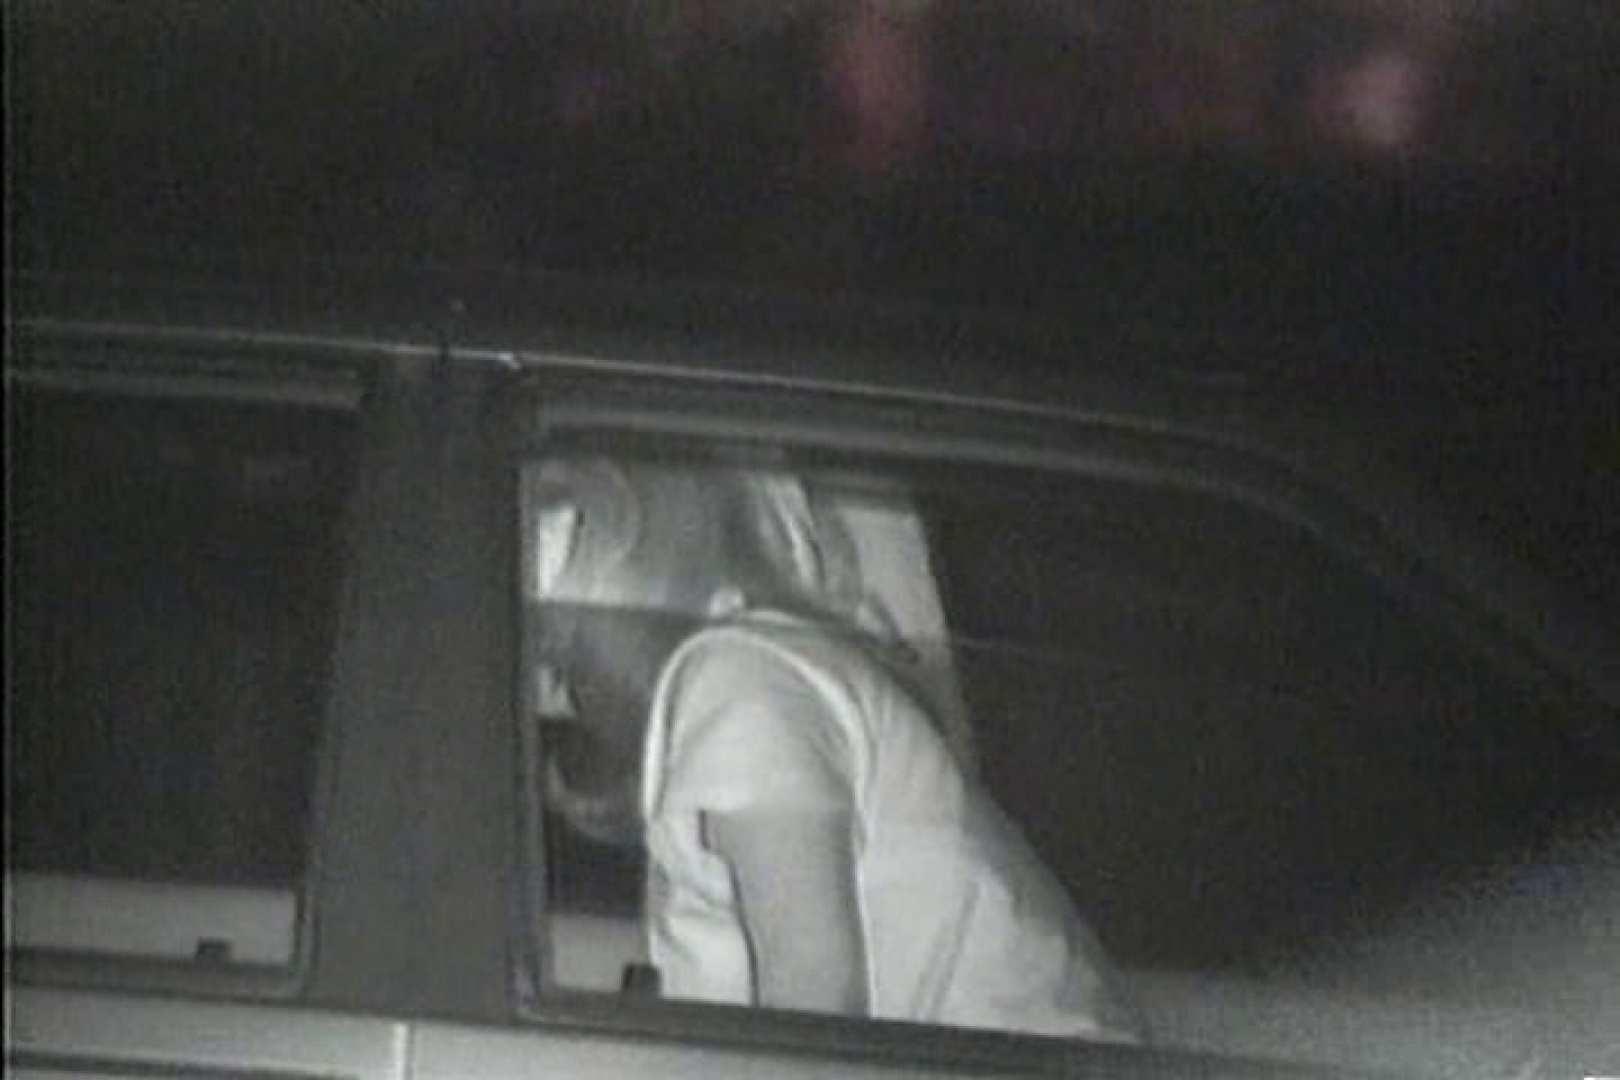 車の中はラブホテル 無修正版  Vol.9 ラブホテル 性交動画流出 88連発 39